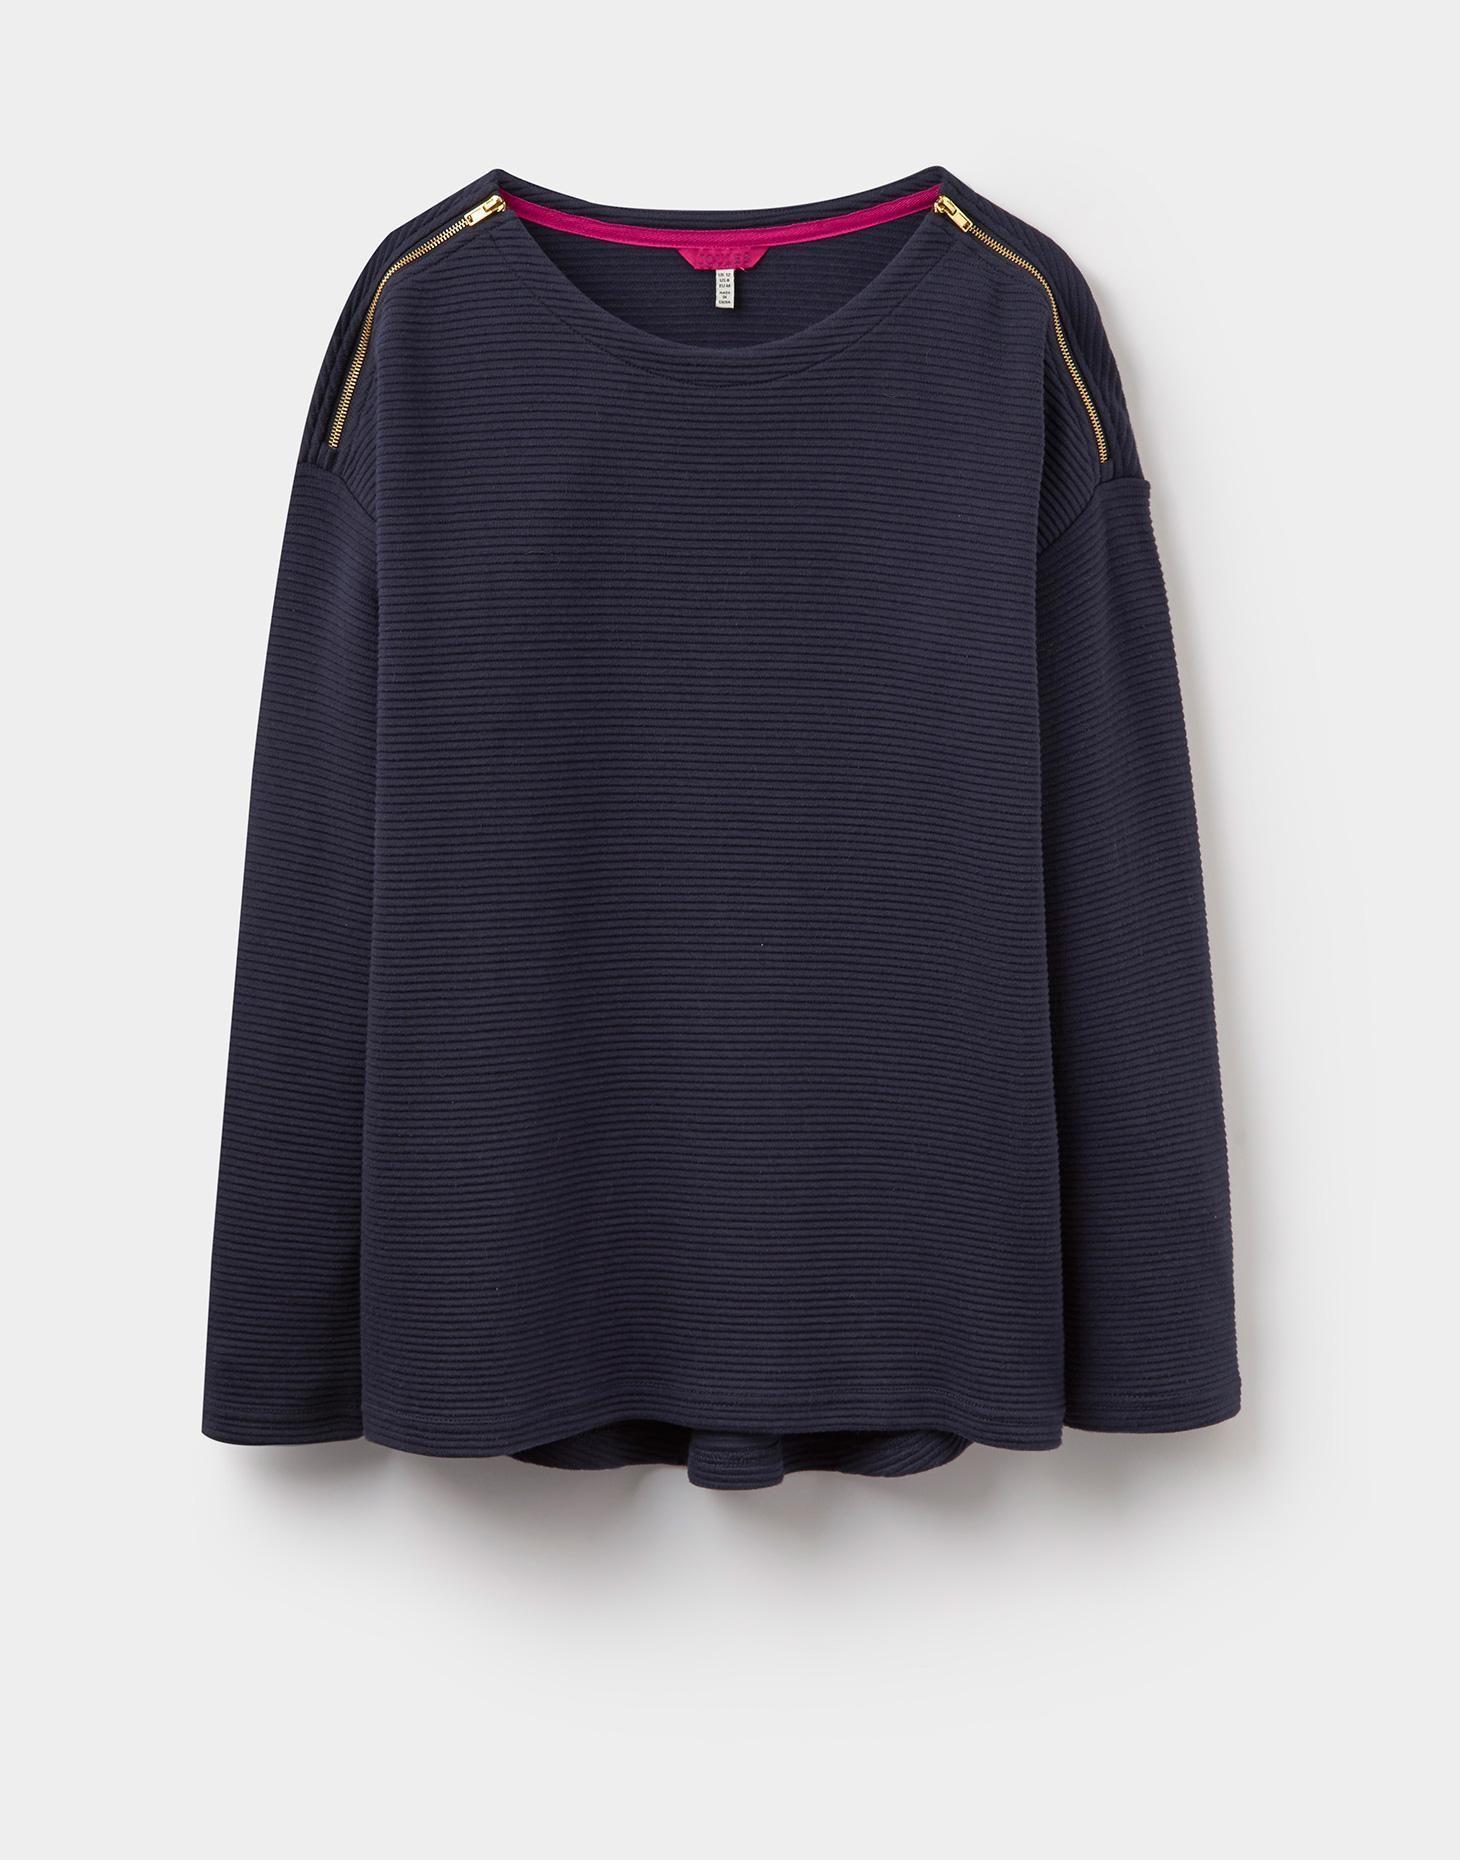 Breeya Textured Sweatshirt | Texture sweatshirt, Long ...